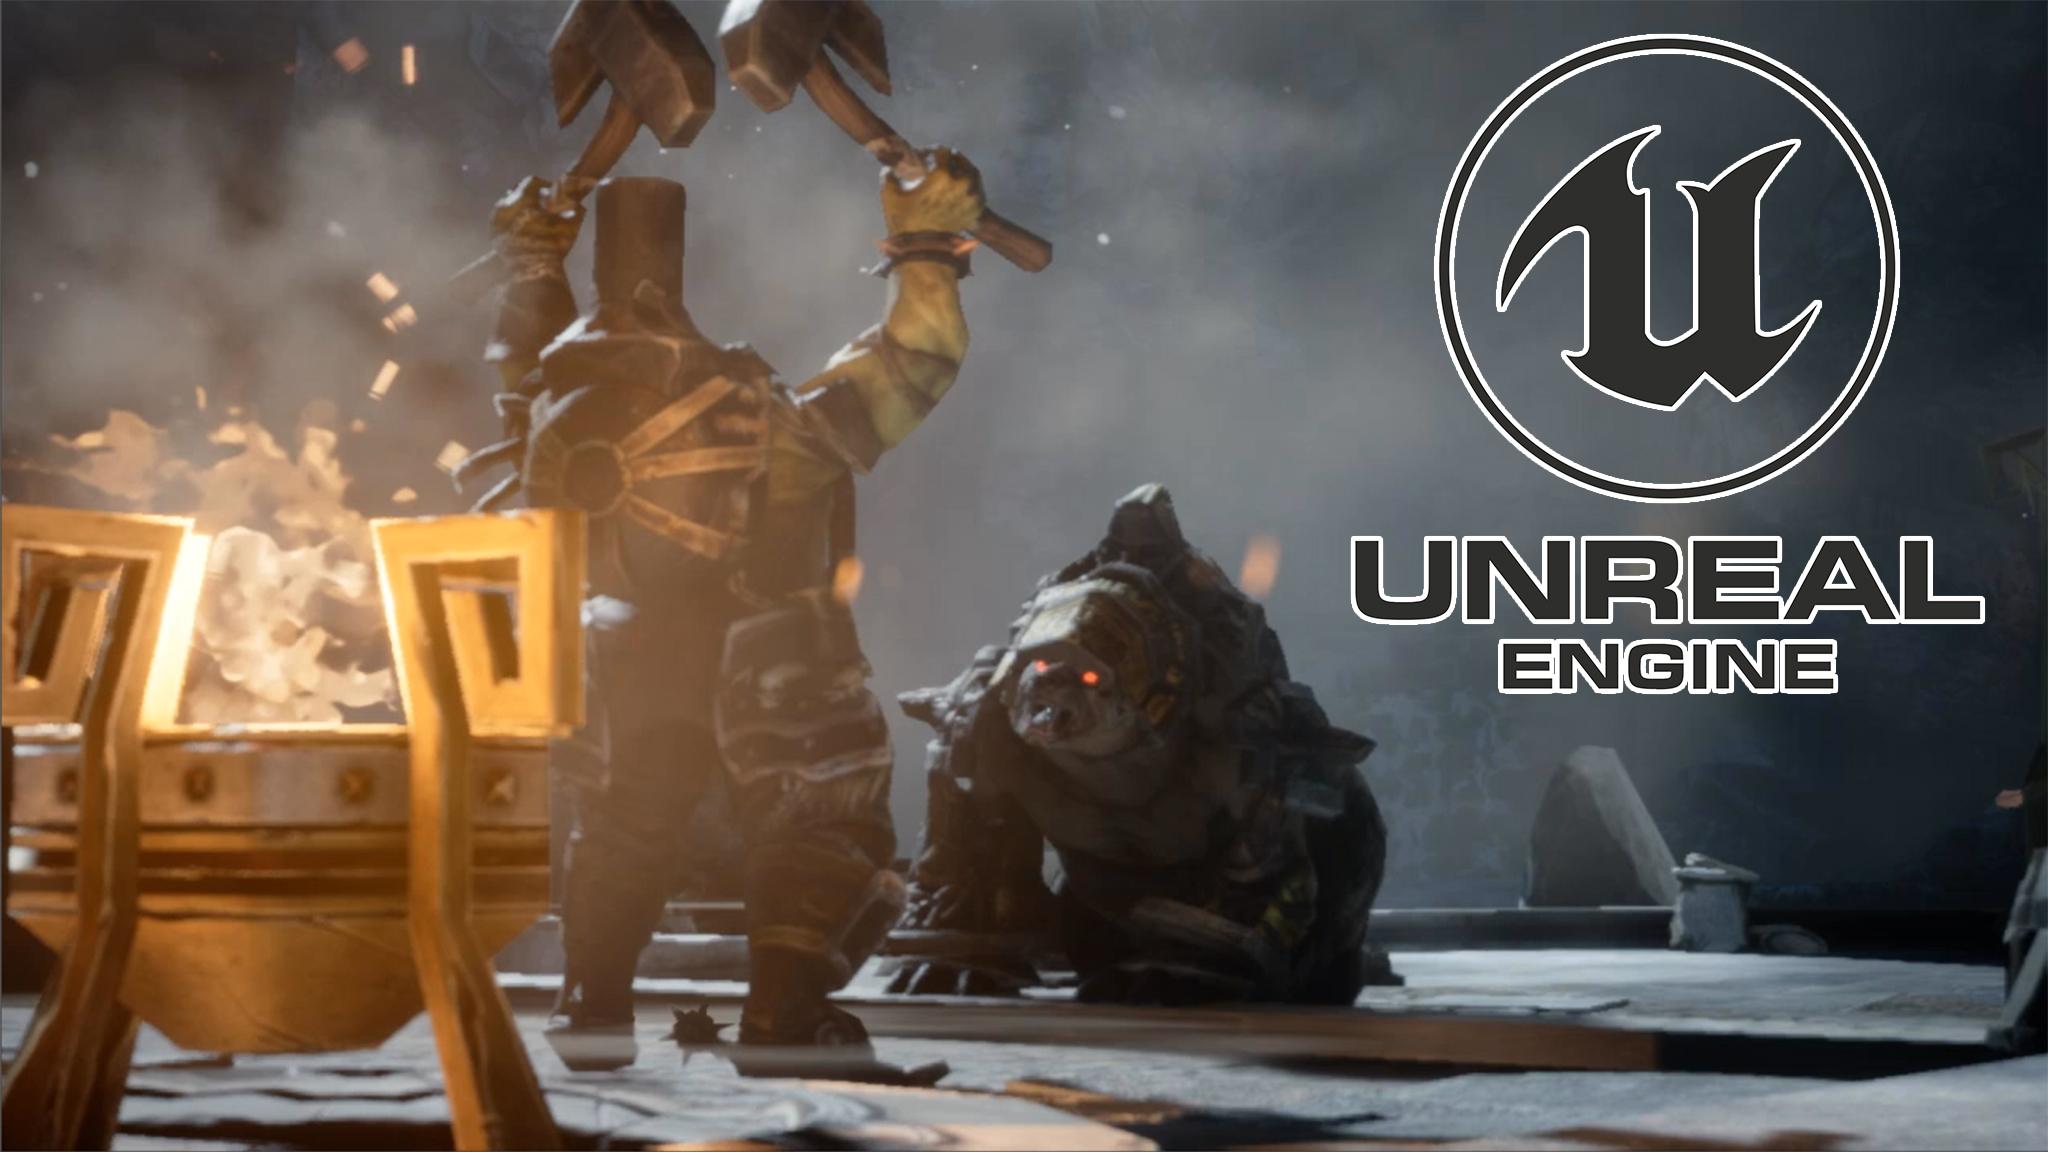 Cinemáticas en Unreal Engine 4